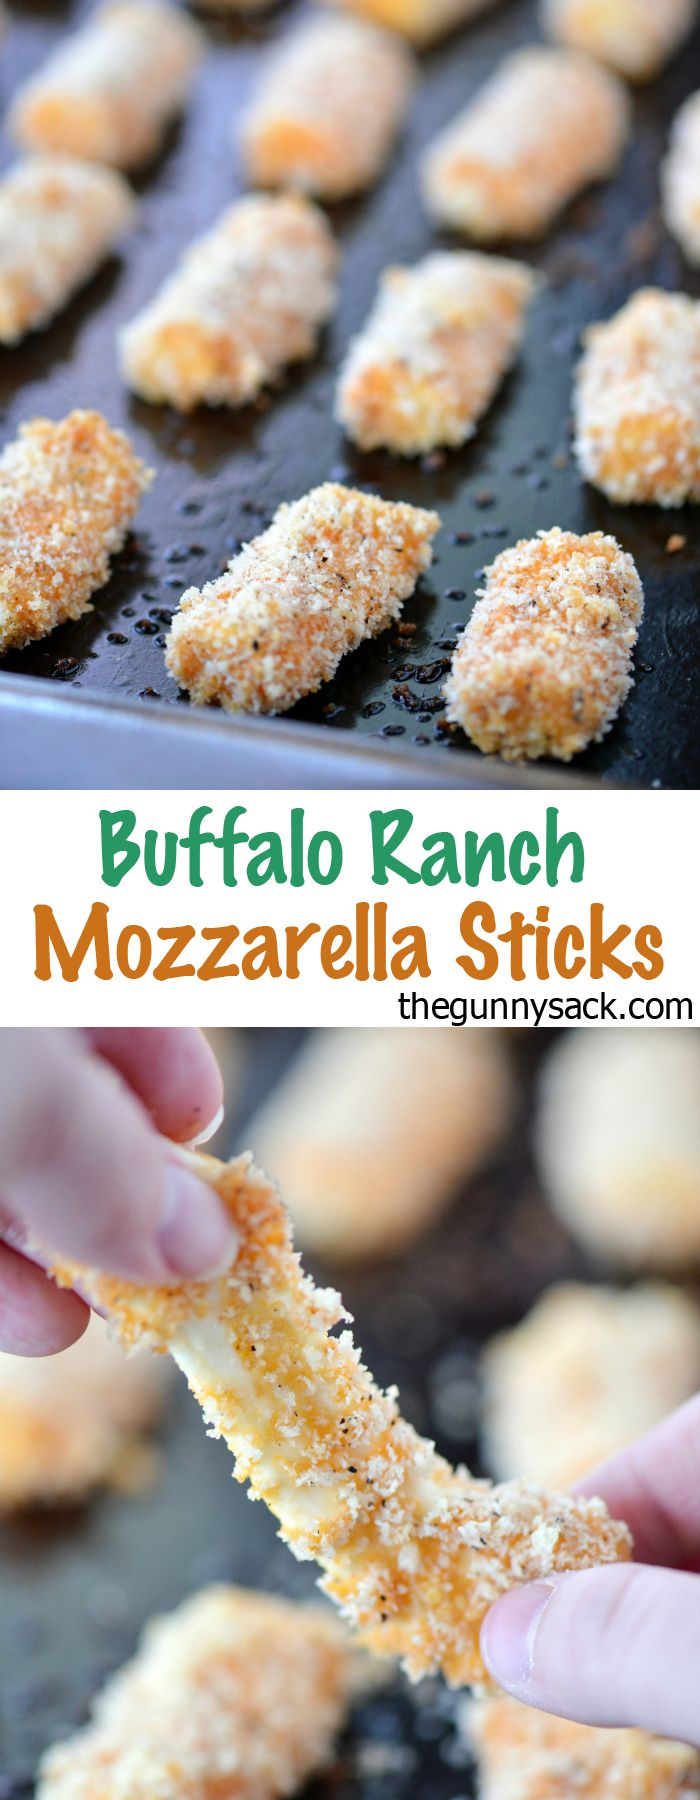 homemade mozzarella sticks string cheese